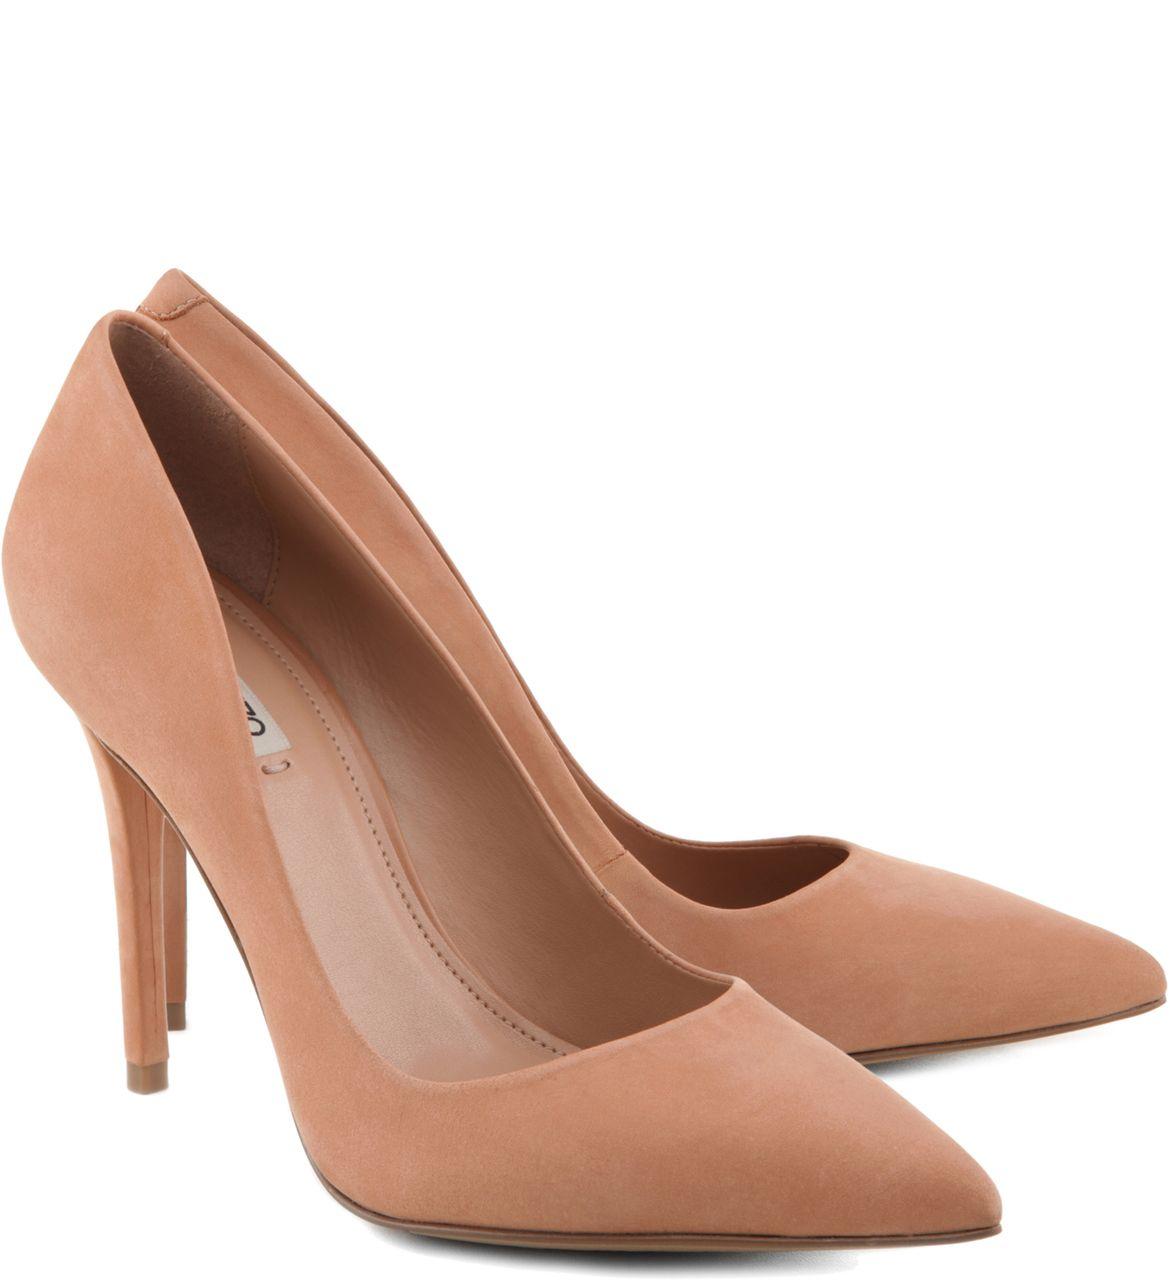 d3e47fc3a Scarpin Nobuck Blush | Arezzo Sapato Feminino Scarpin, Saltos Scarpin,  Sapatos De Casamento,